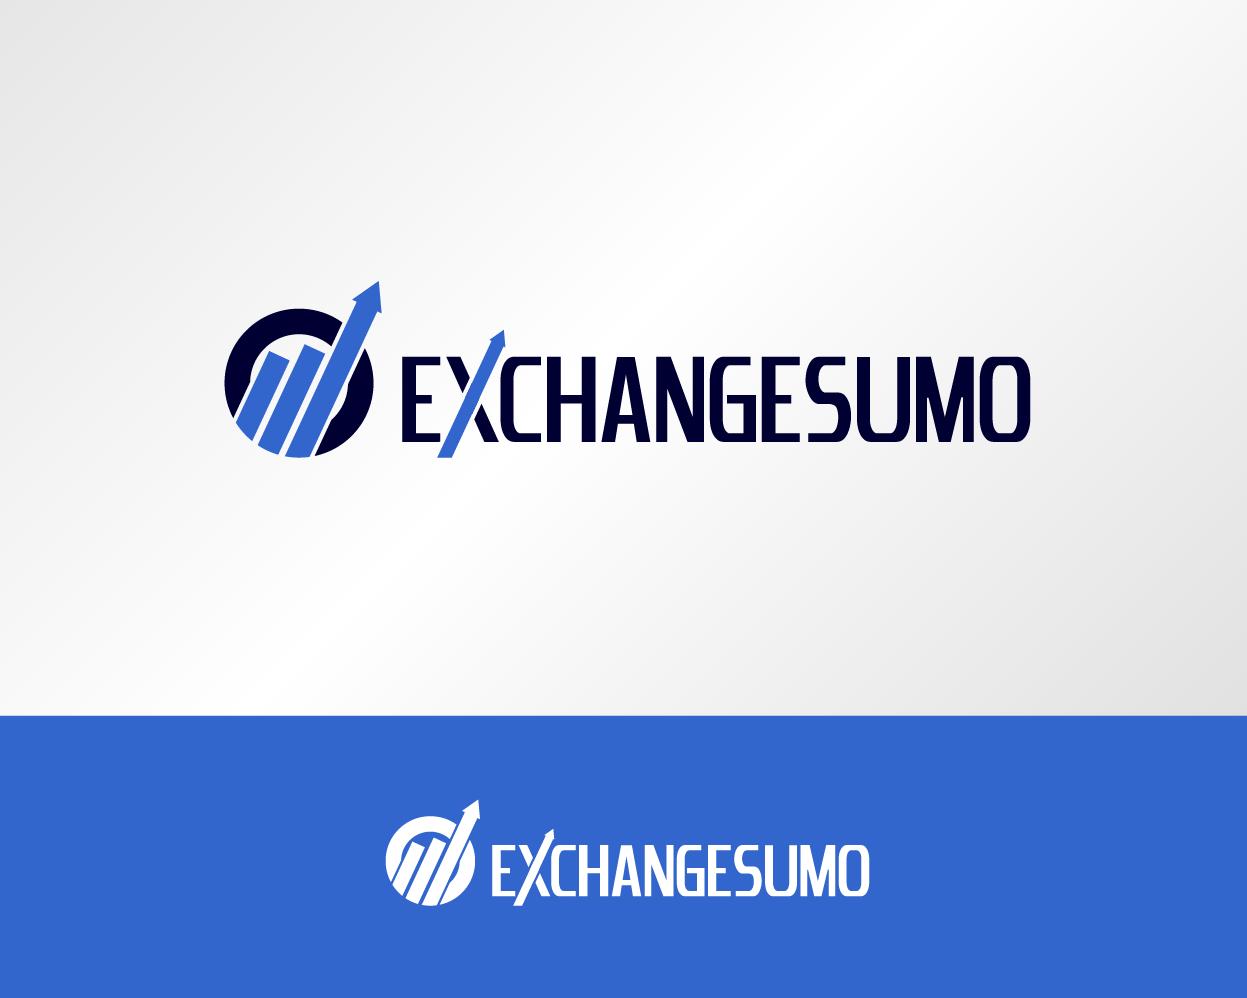 Логотип для мониторинга обменников фото f_5605bb094044e8c2.png